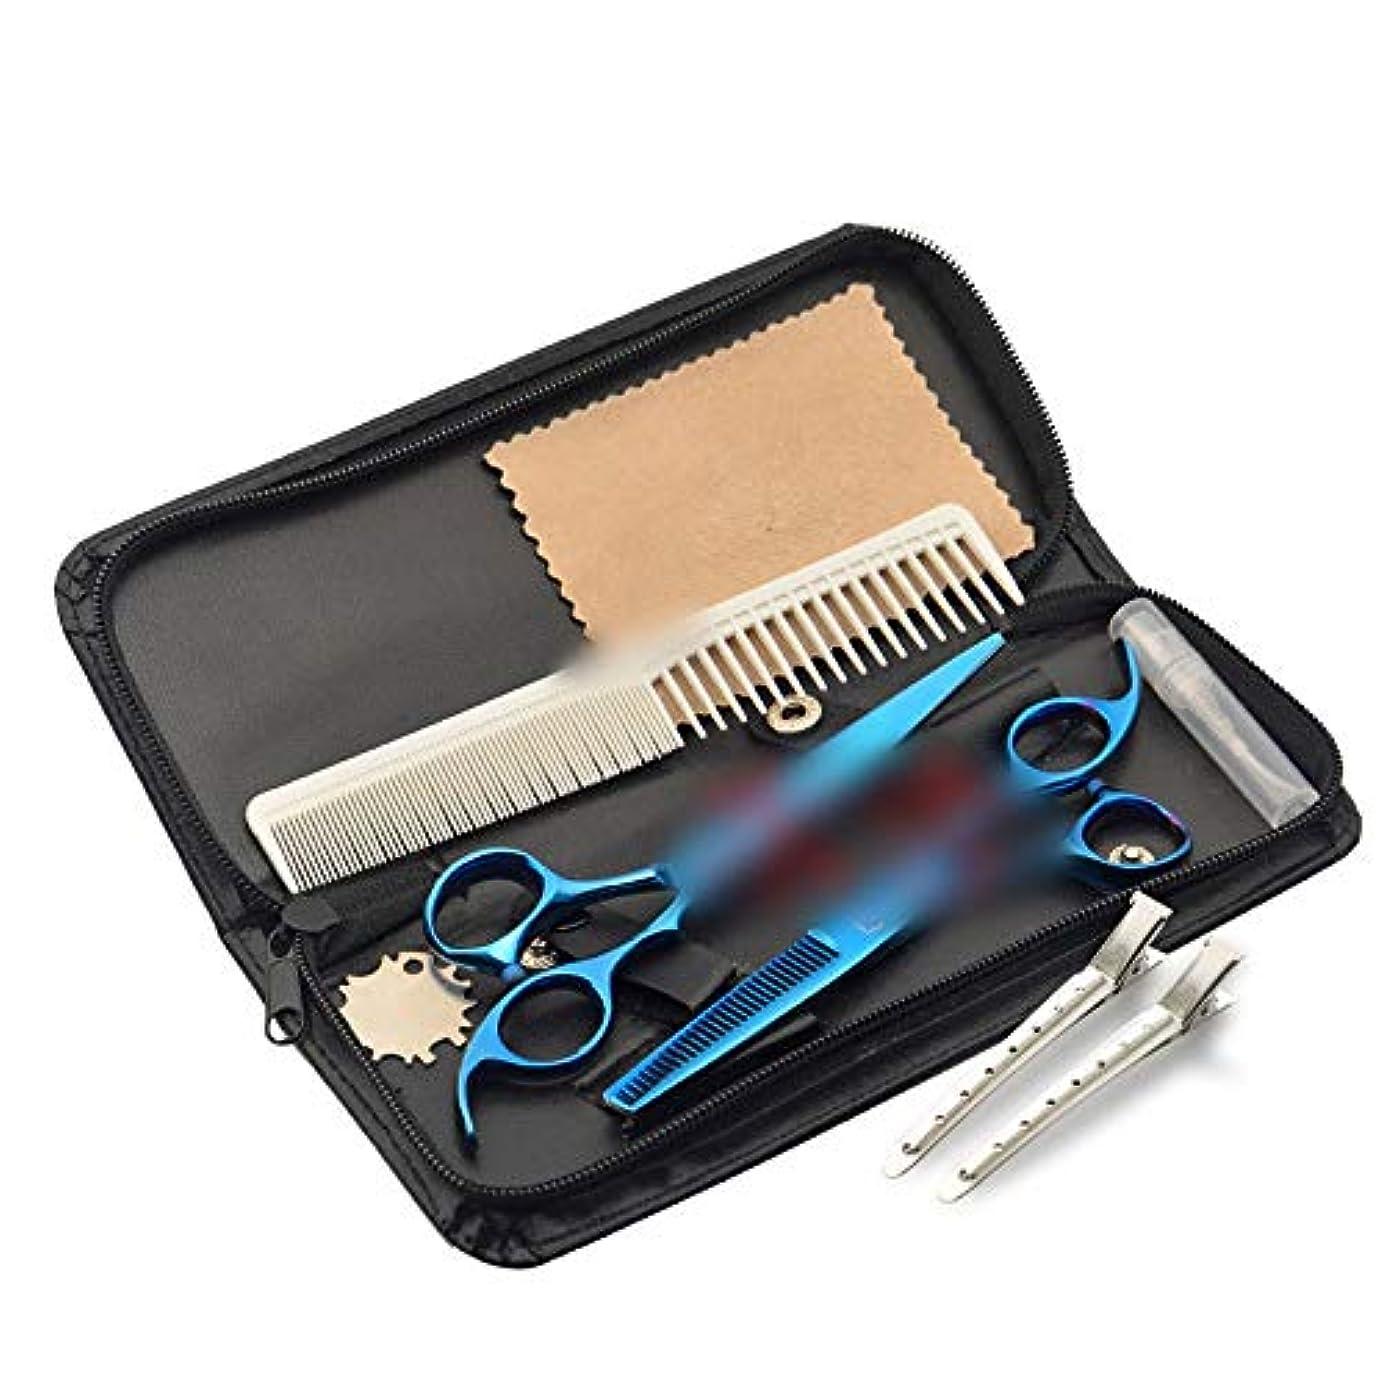 自動的にカウンターパートナインへJiaoran 6.0インチブルーダイヤモンドプロ理髪はさみセット、フラットカット+歯カット理髪はさみツール (Color : Blue)